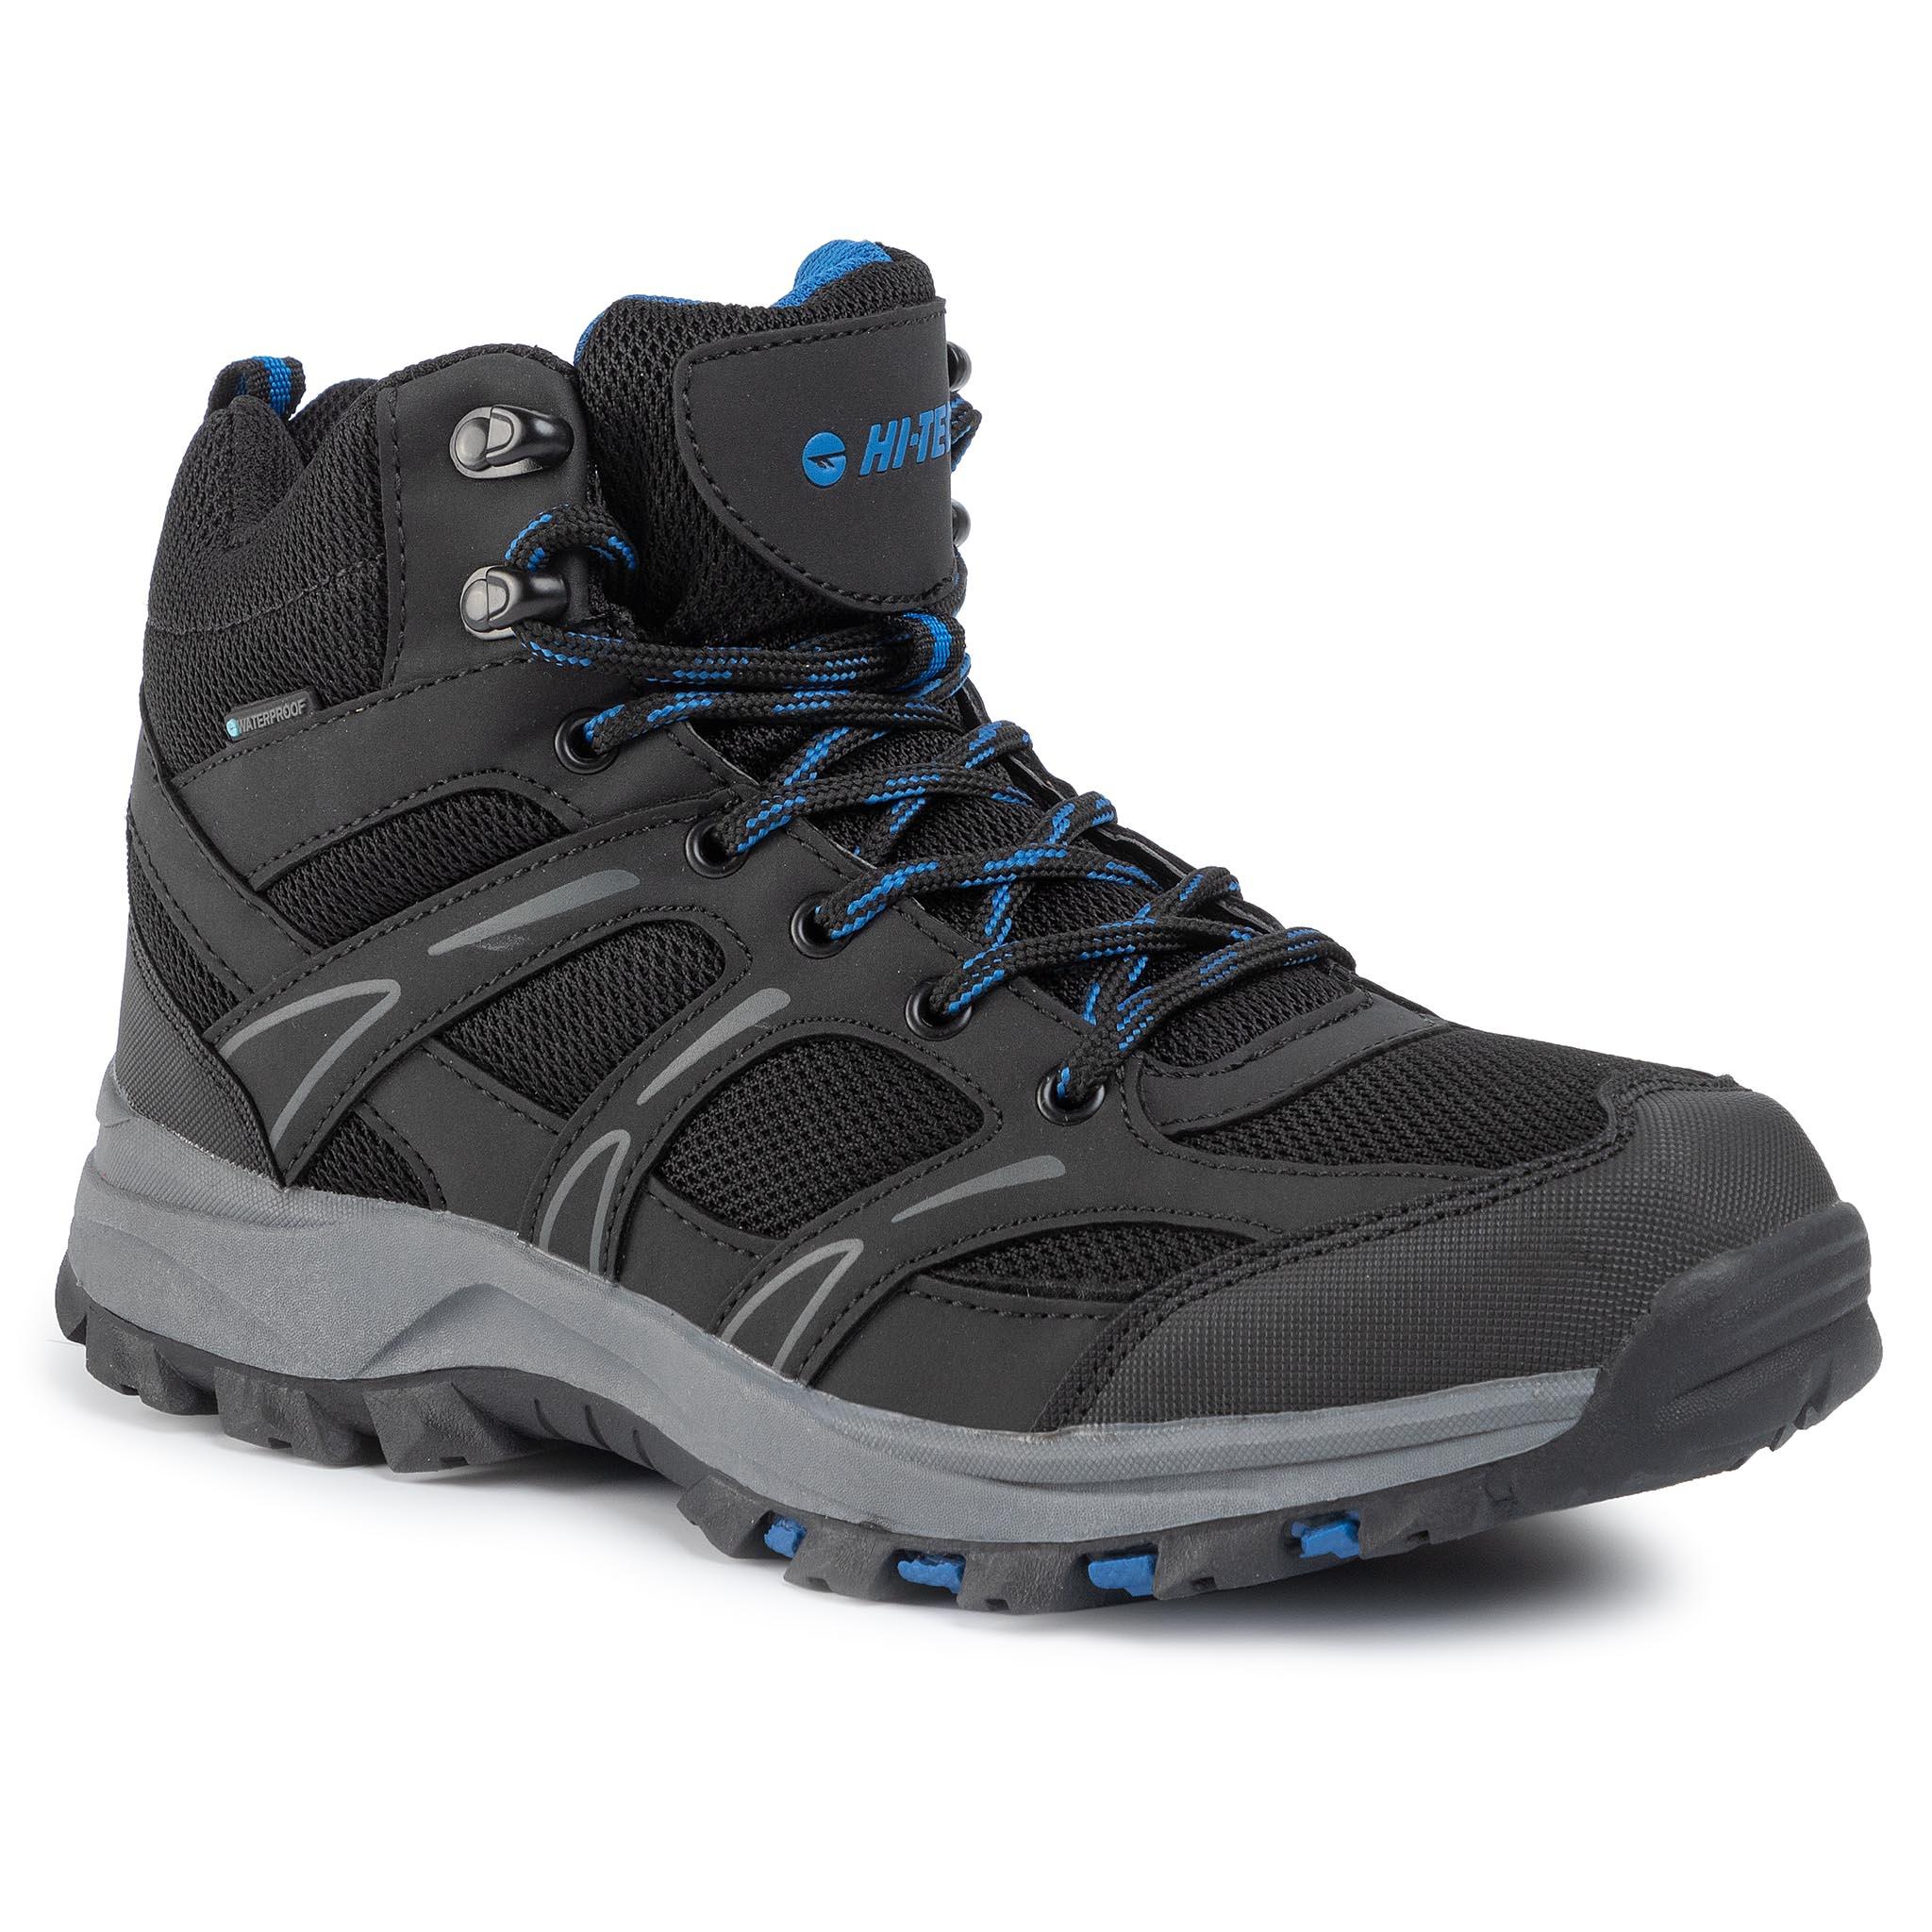 Trekingová obuv HI-TEC - Casian Mid Wp AVSAW19-HT-01-Q3 Black/Classic Blue